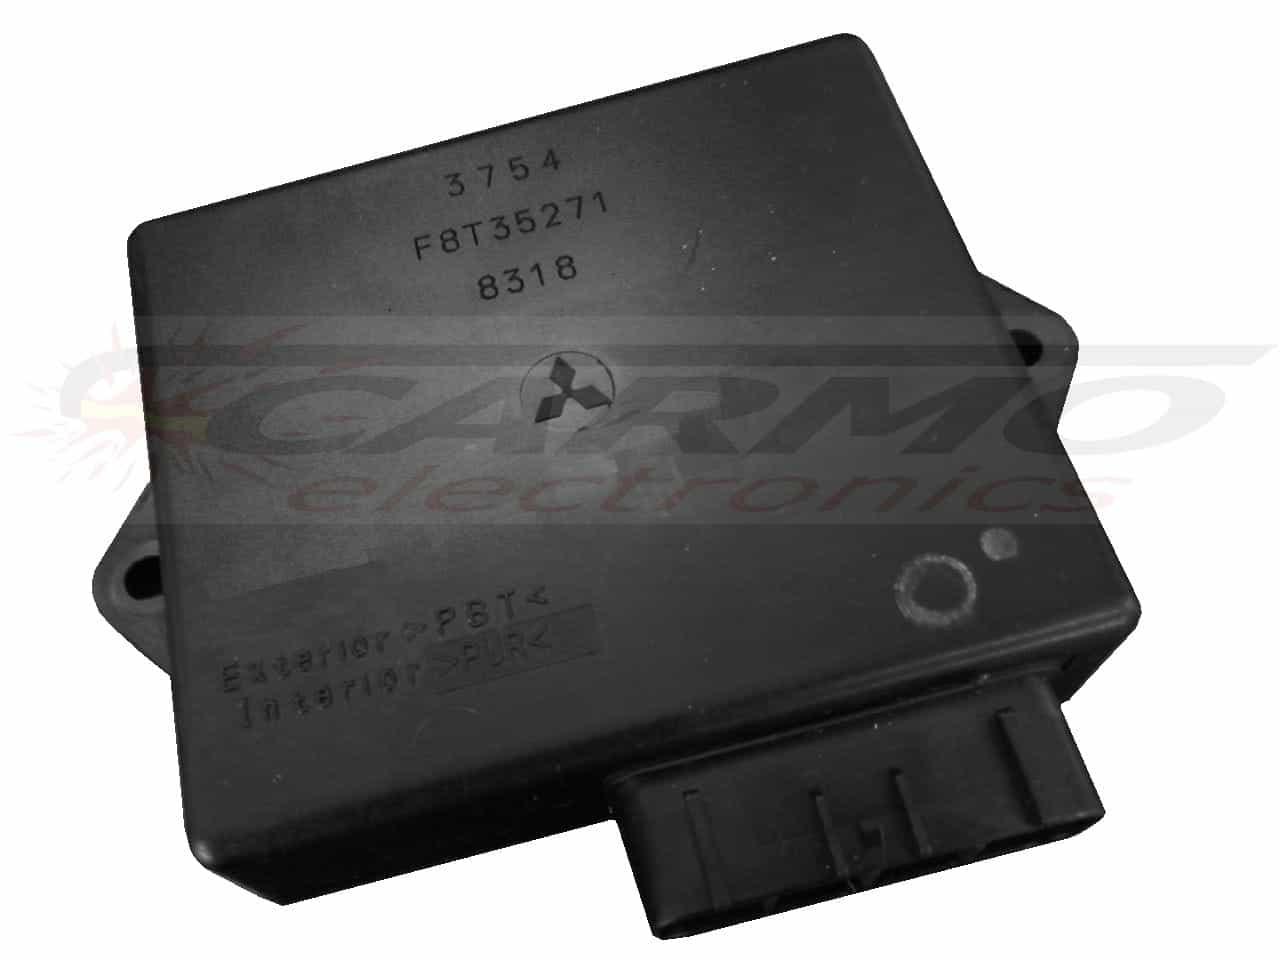 STX900 STS900 CDI ECU igniter module F8T35271 / 21119-3754 : Carmo